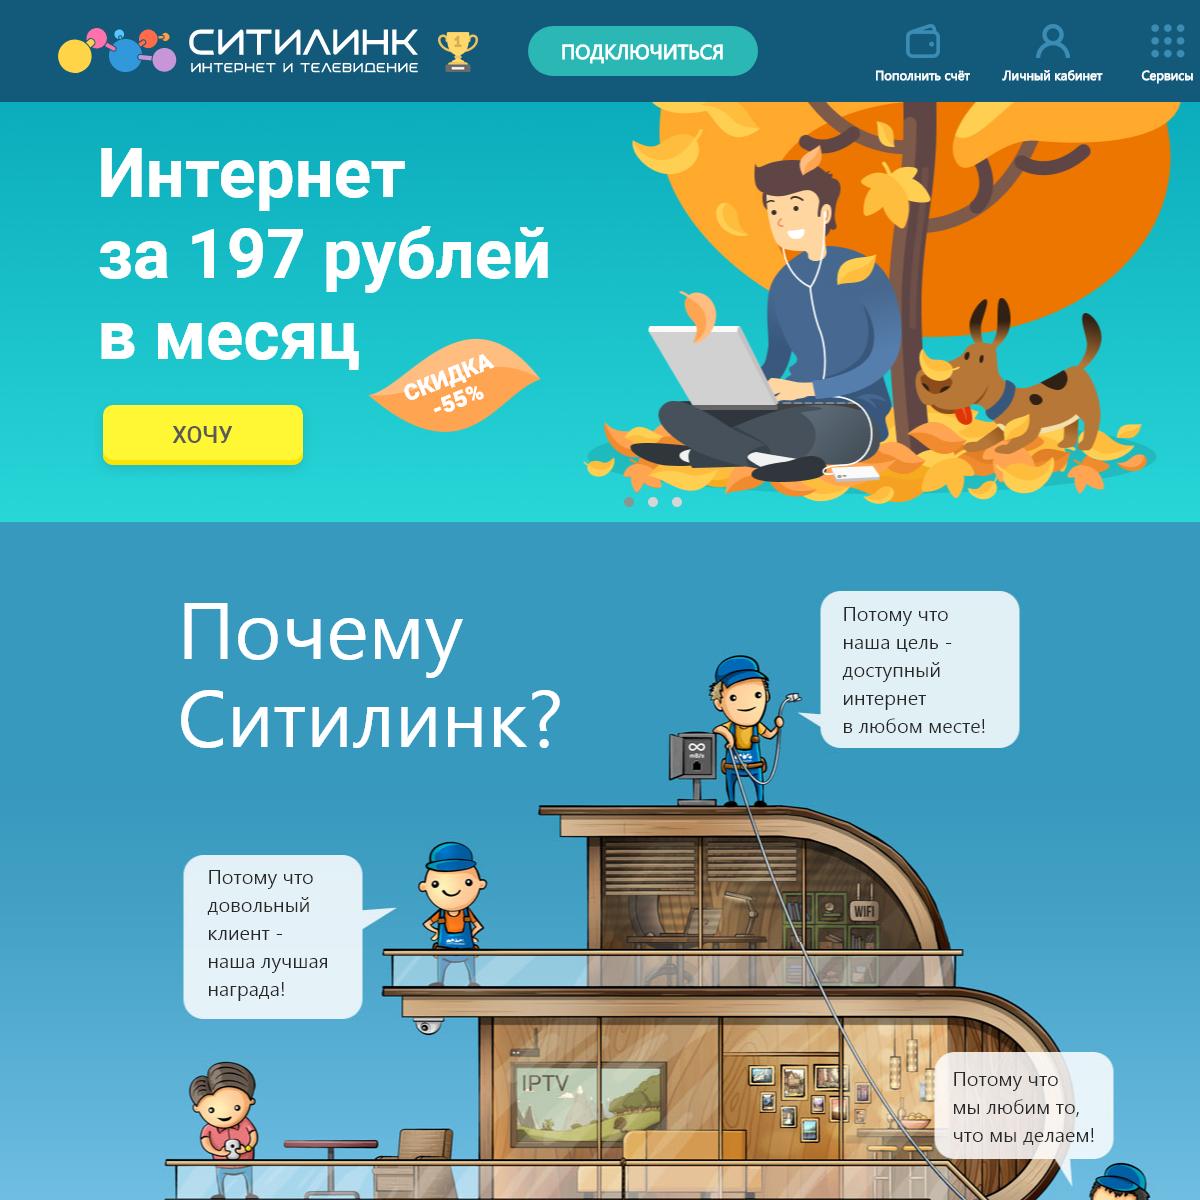 Интернет и домашнее телевидение в Петрозаводске, Карелии и Мурманско�